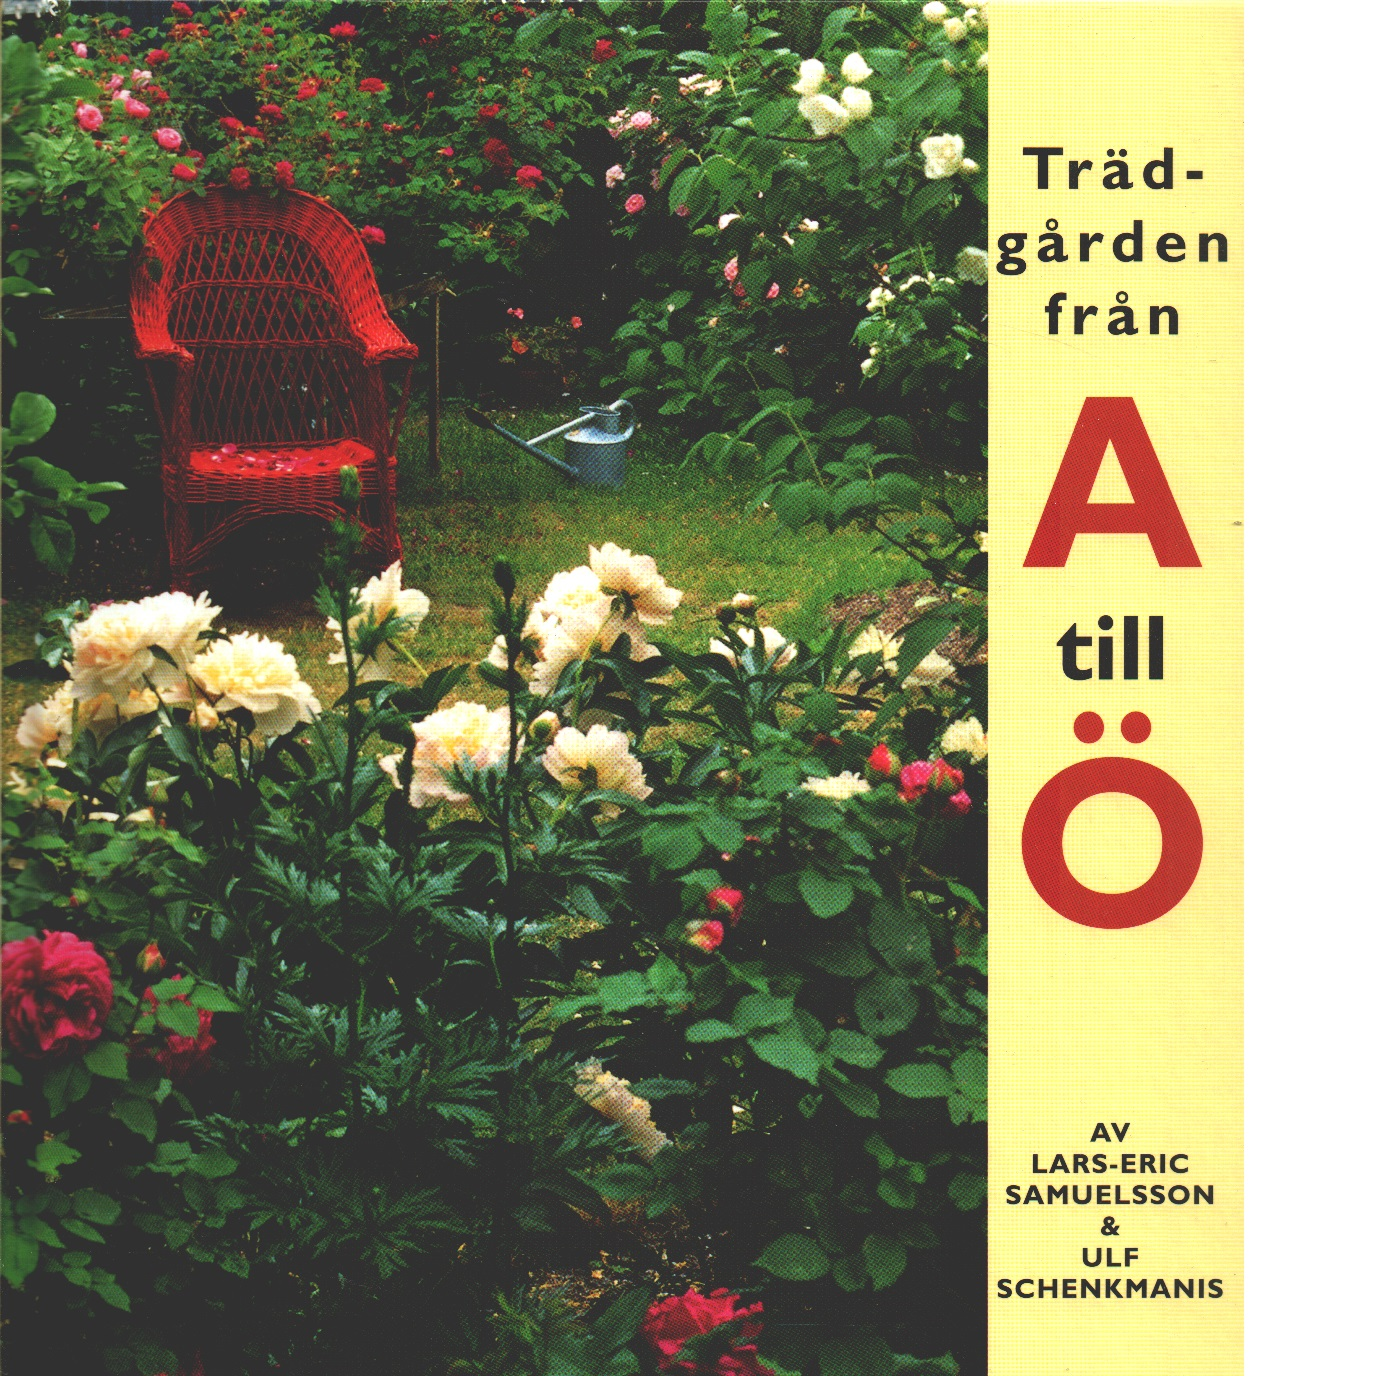 Trädgården från A till Ö - Samuelsson, Lars-Eric och Schenkmanis, Ulf